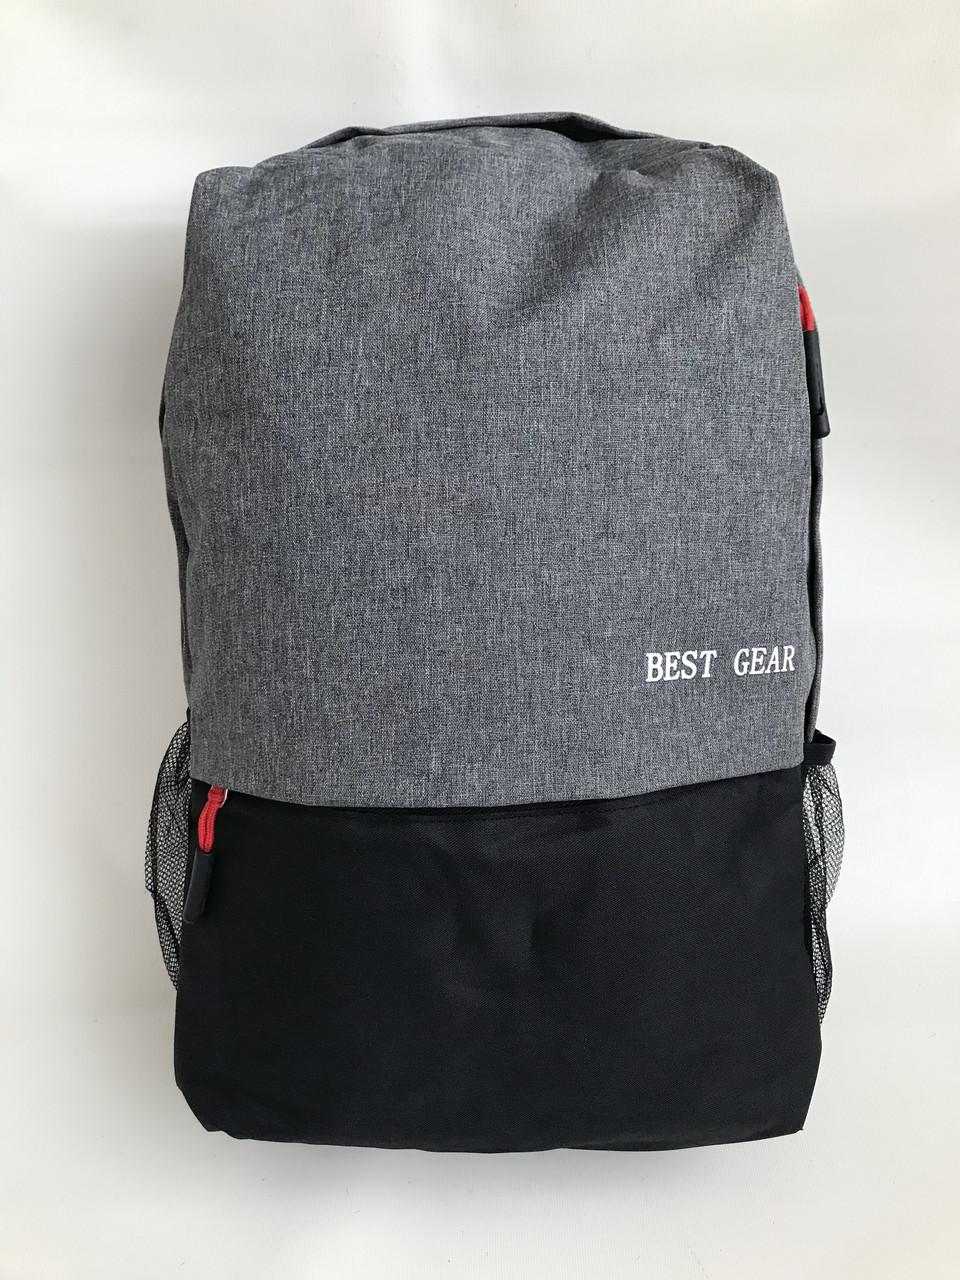 Тканевый спортивный молодежный рюкзак унисекс серый с черным